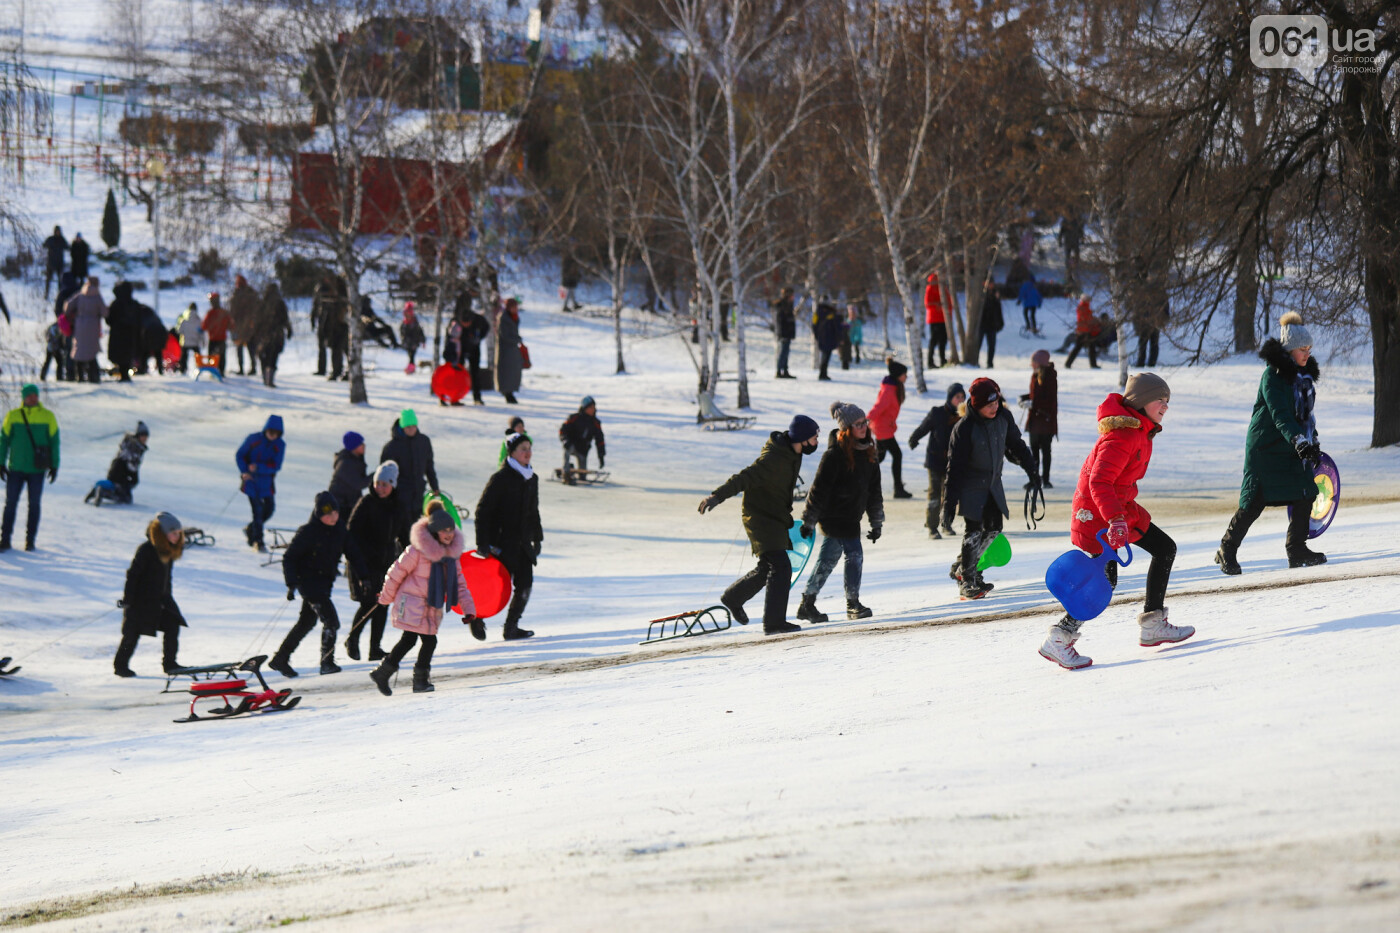 На санках, лыжах и сноуборде: запорожцы устроили массовое катание с горок в Вознесеновском парке, - ФОТОРЕПОРТАЖ, фото-71